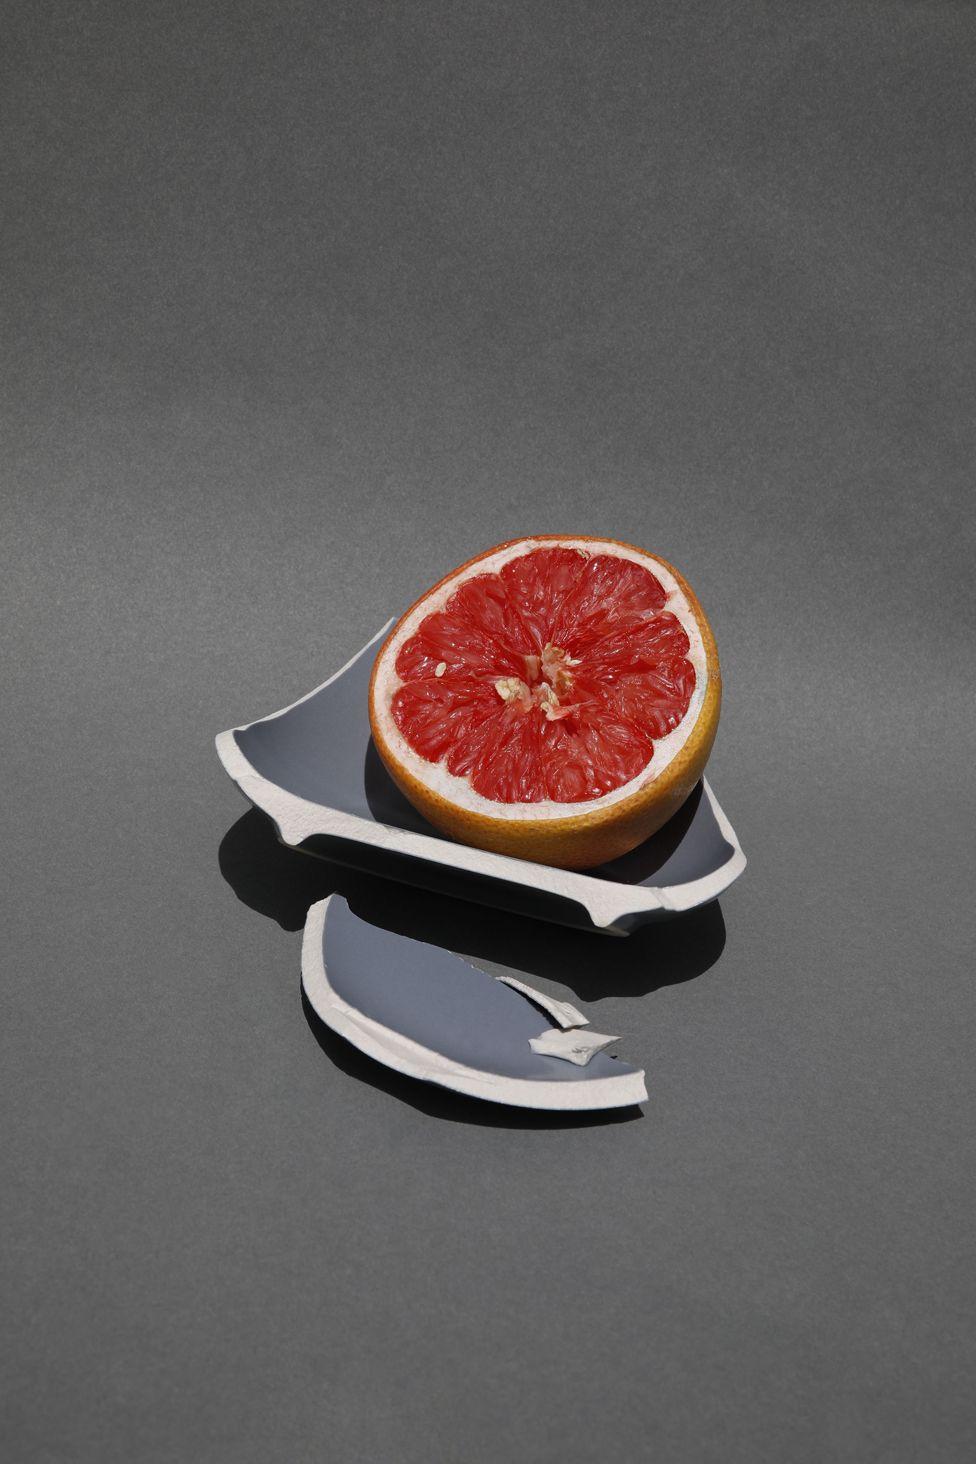 Half an orange in a broken bowl